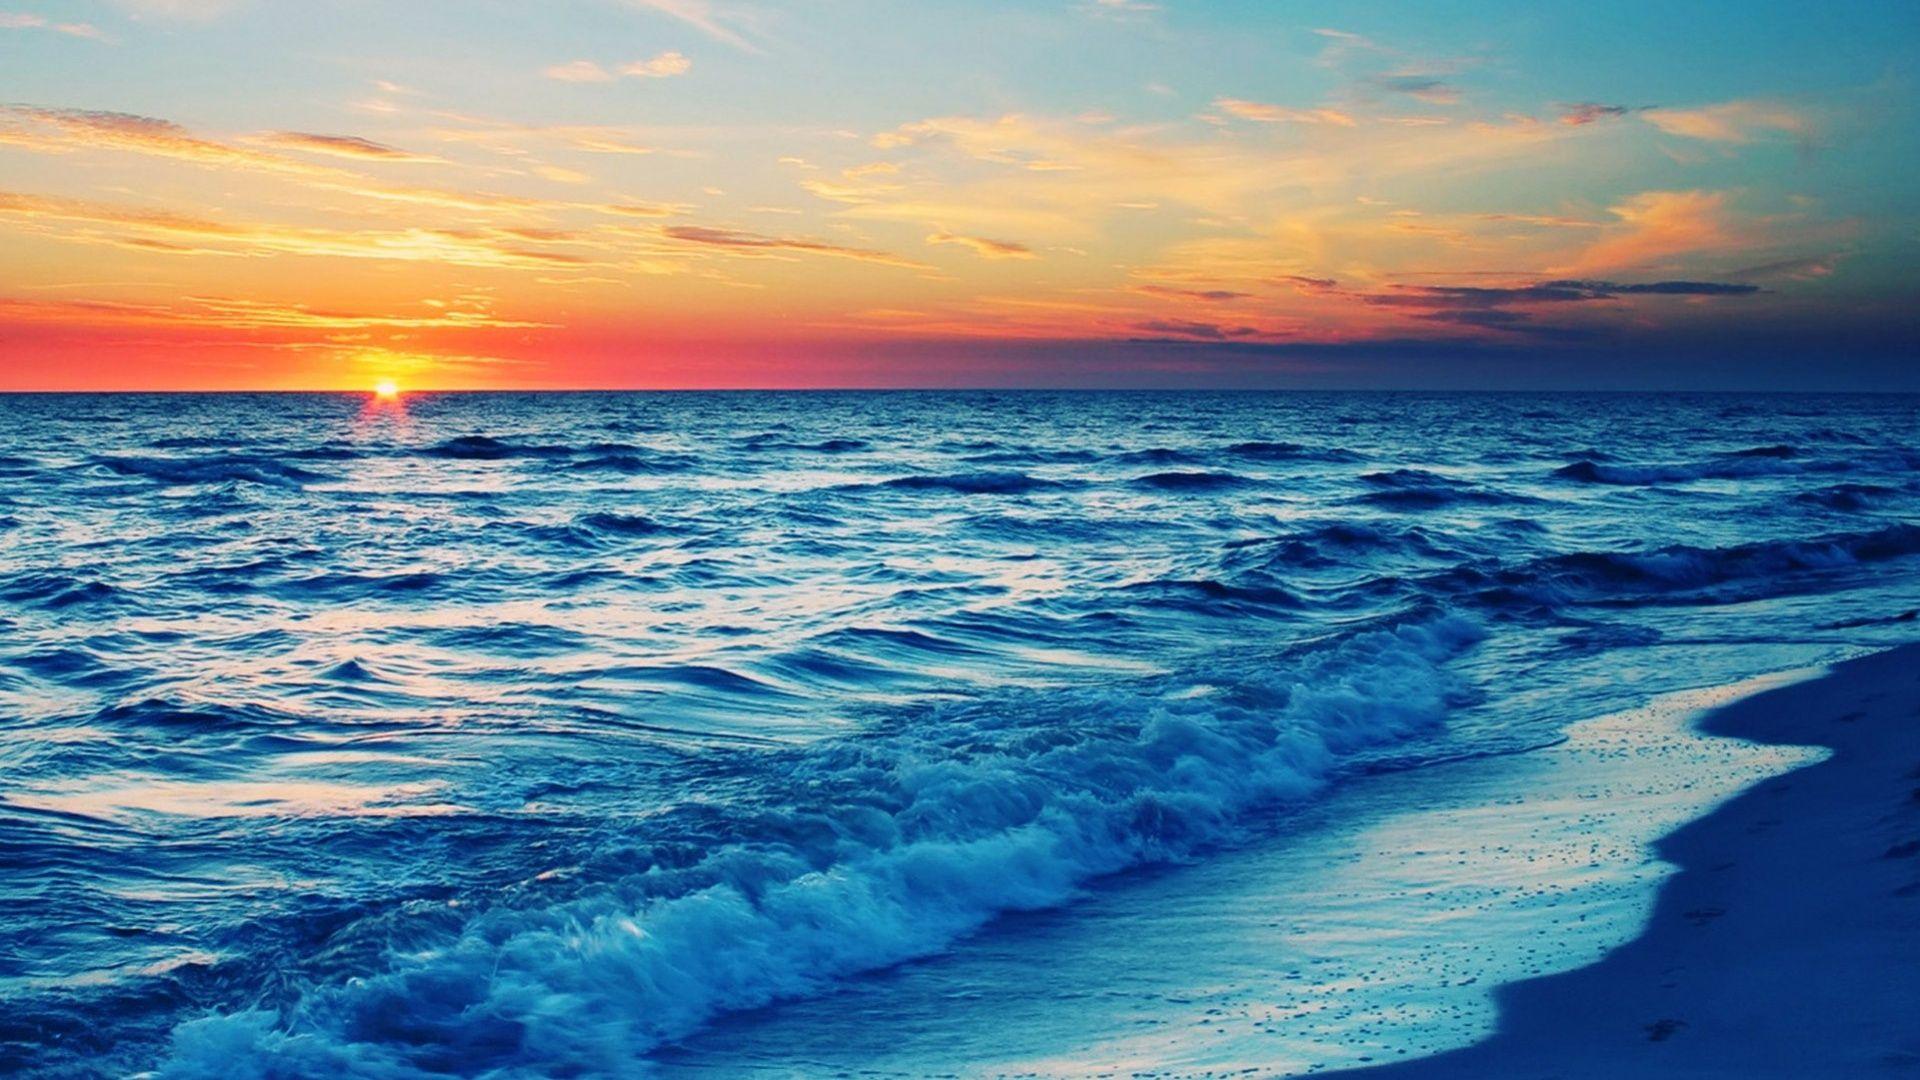 Sunset Beach Wallpaper 1080p 17040 Wallpaper Beach Sunset Wallpaper Beach Wallpaper Beautiful Ocean Pictures